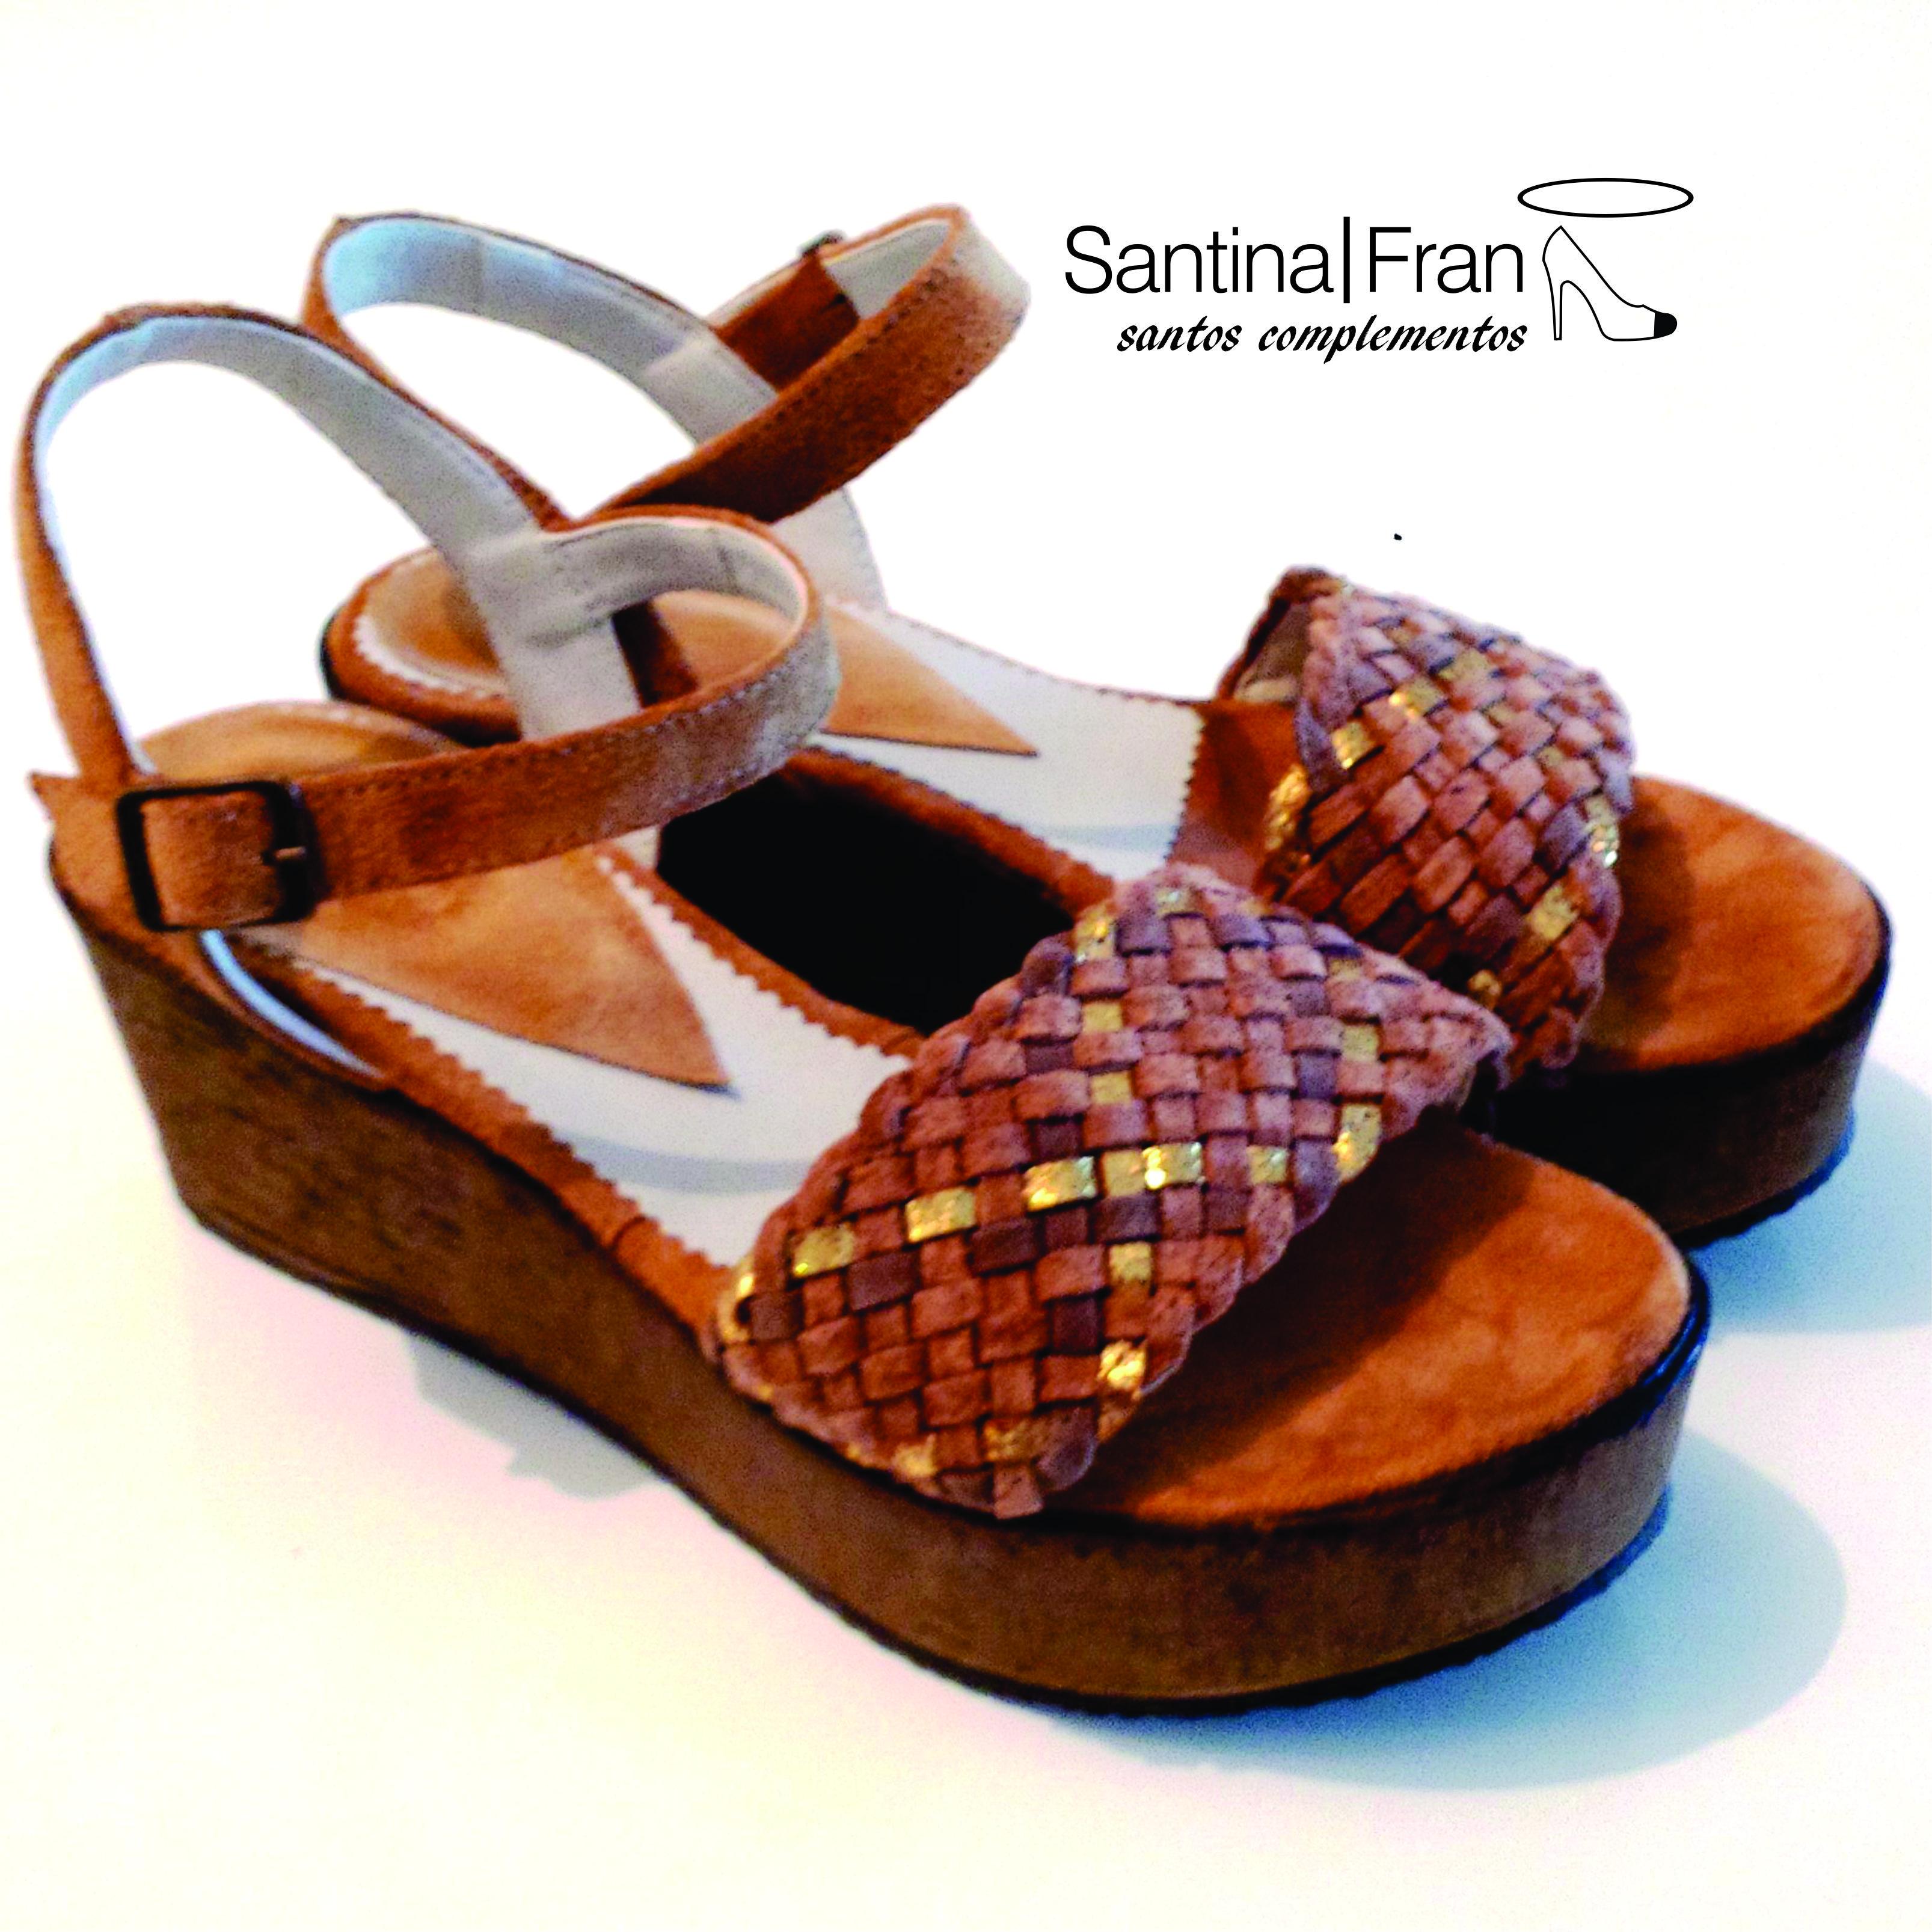 www.santinafran.com.ar